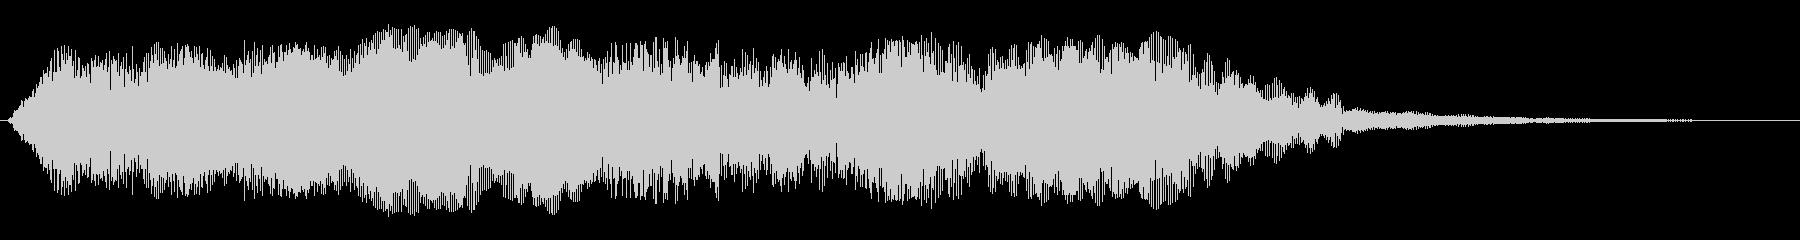 力強いオープニングの効果音の未再生の波形